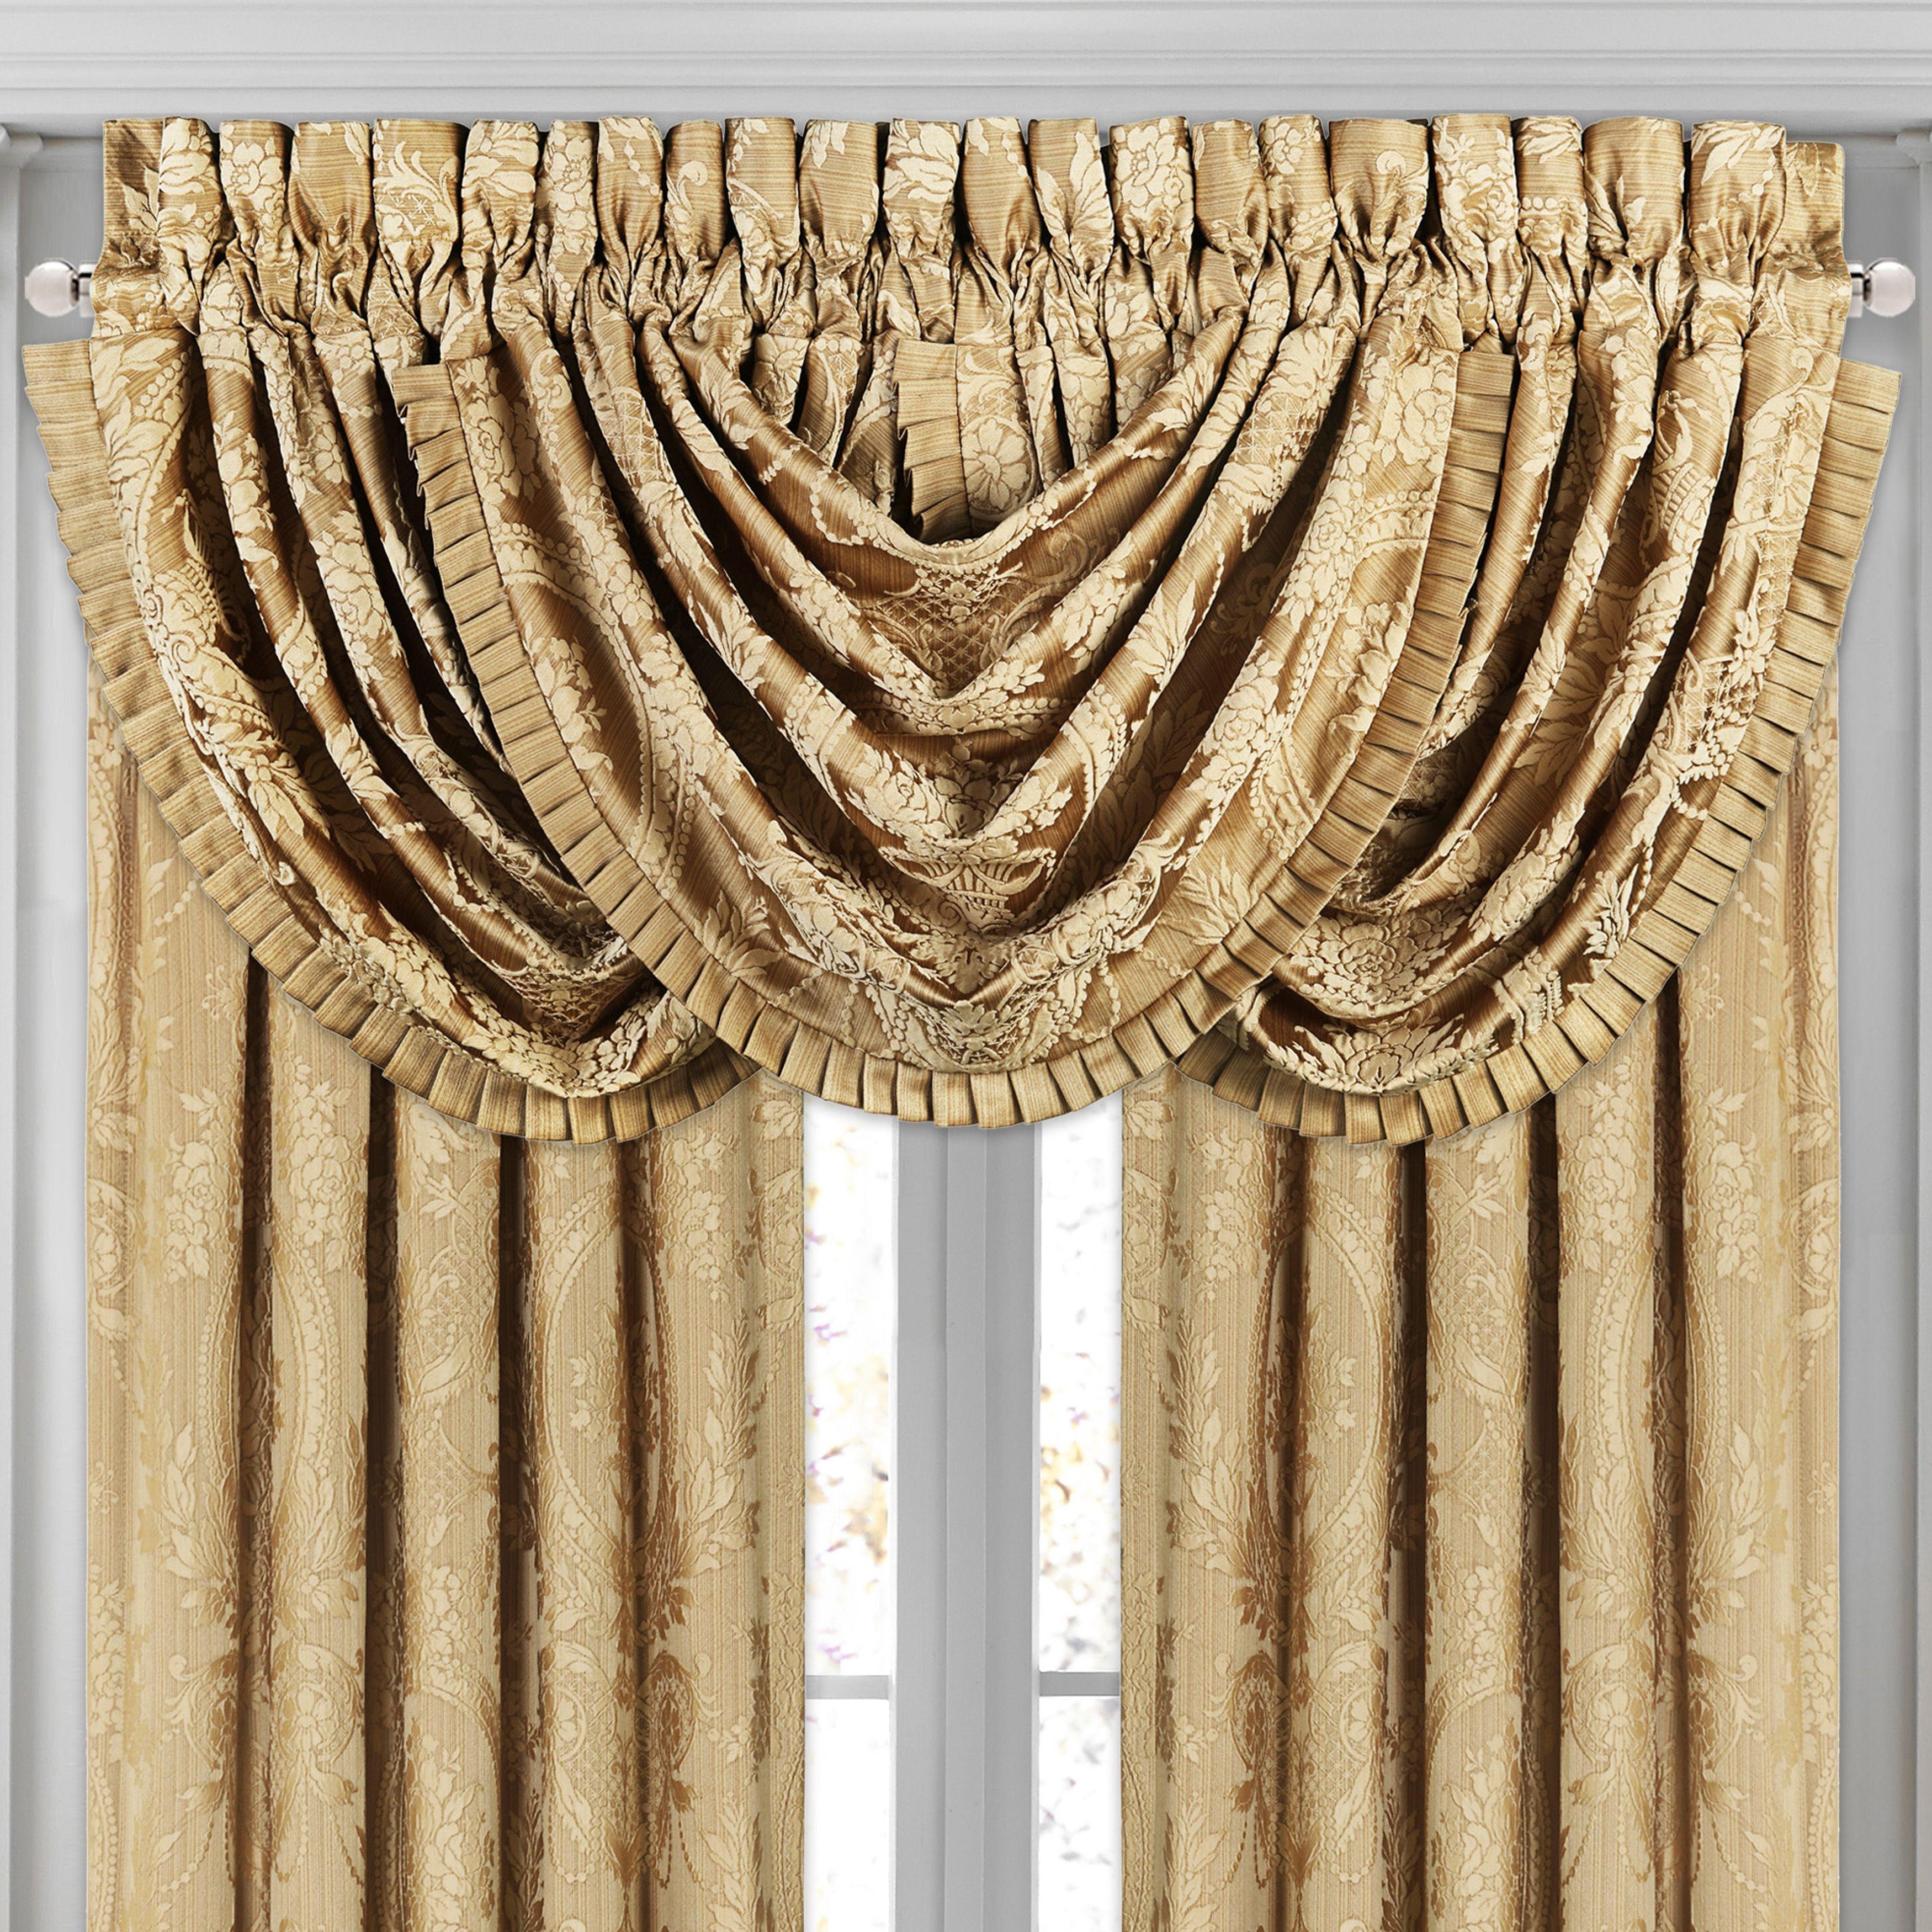 J Queen New York Napoleon Gold Window Waterfall Valance Gold Waterfall Valance Valance At Home Store